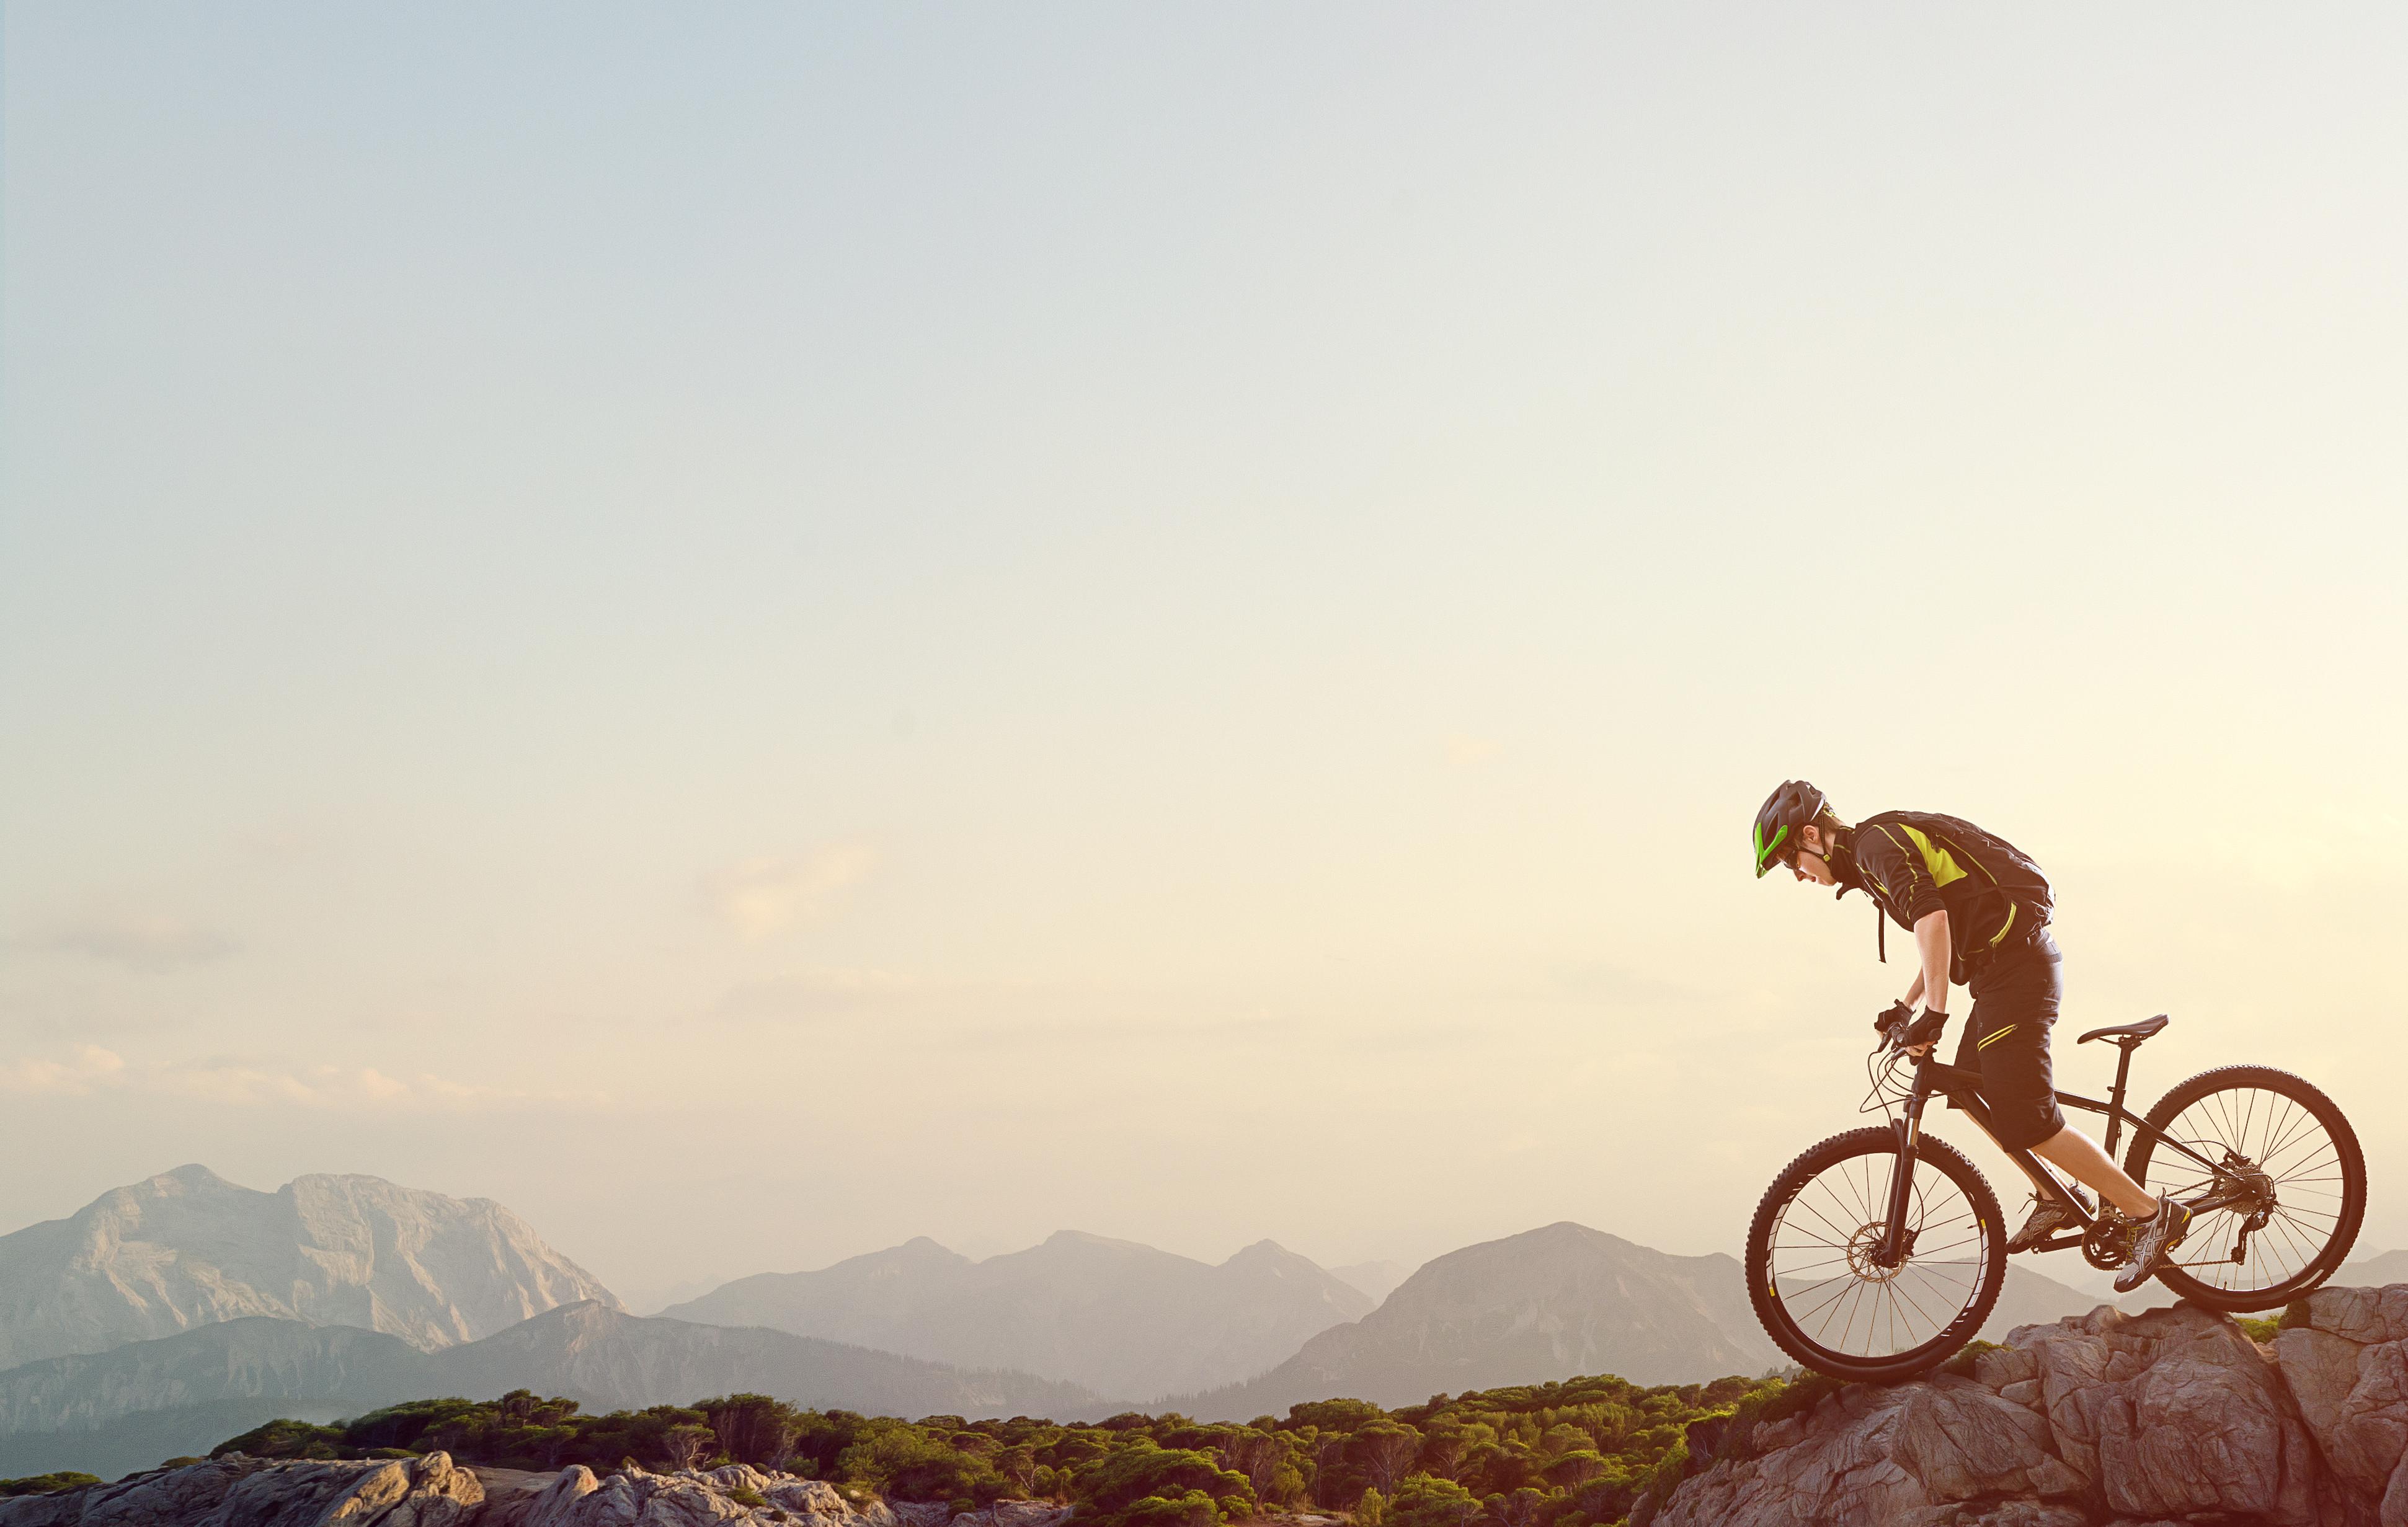 Mountainbiker in schöner Landschaft